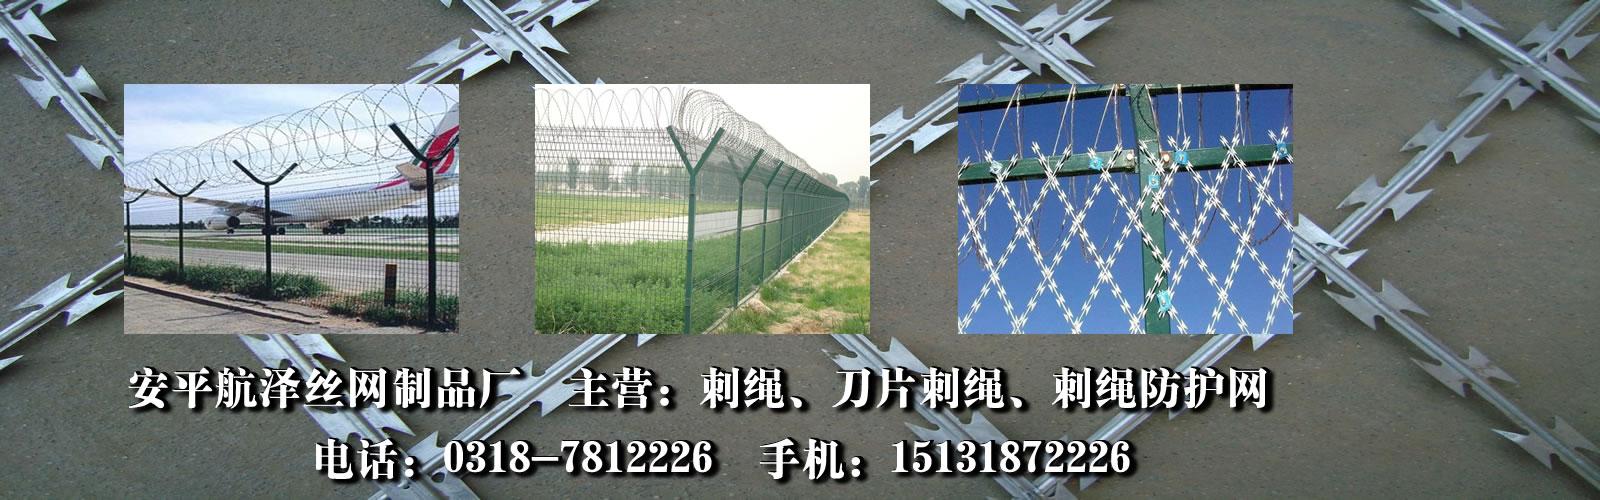 刺绳护栏系列